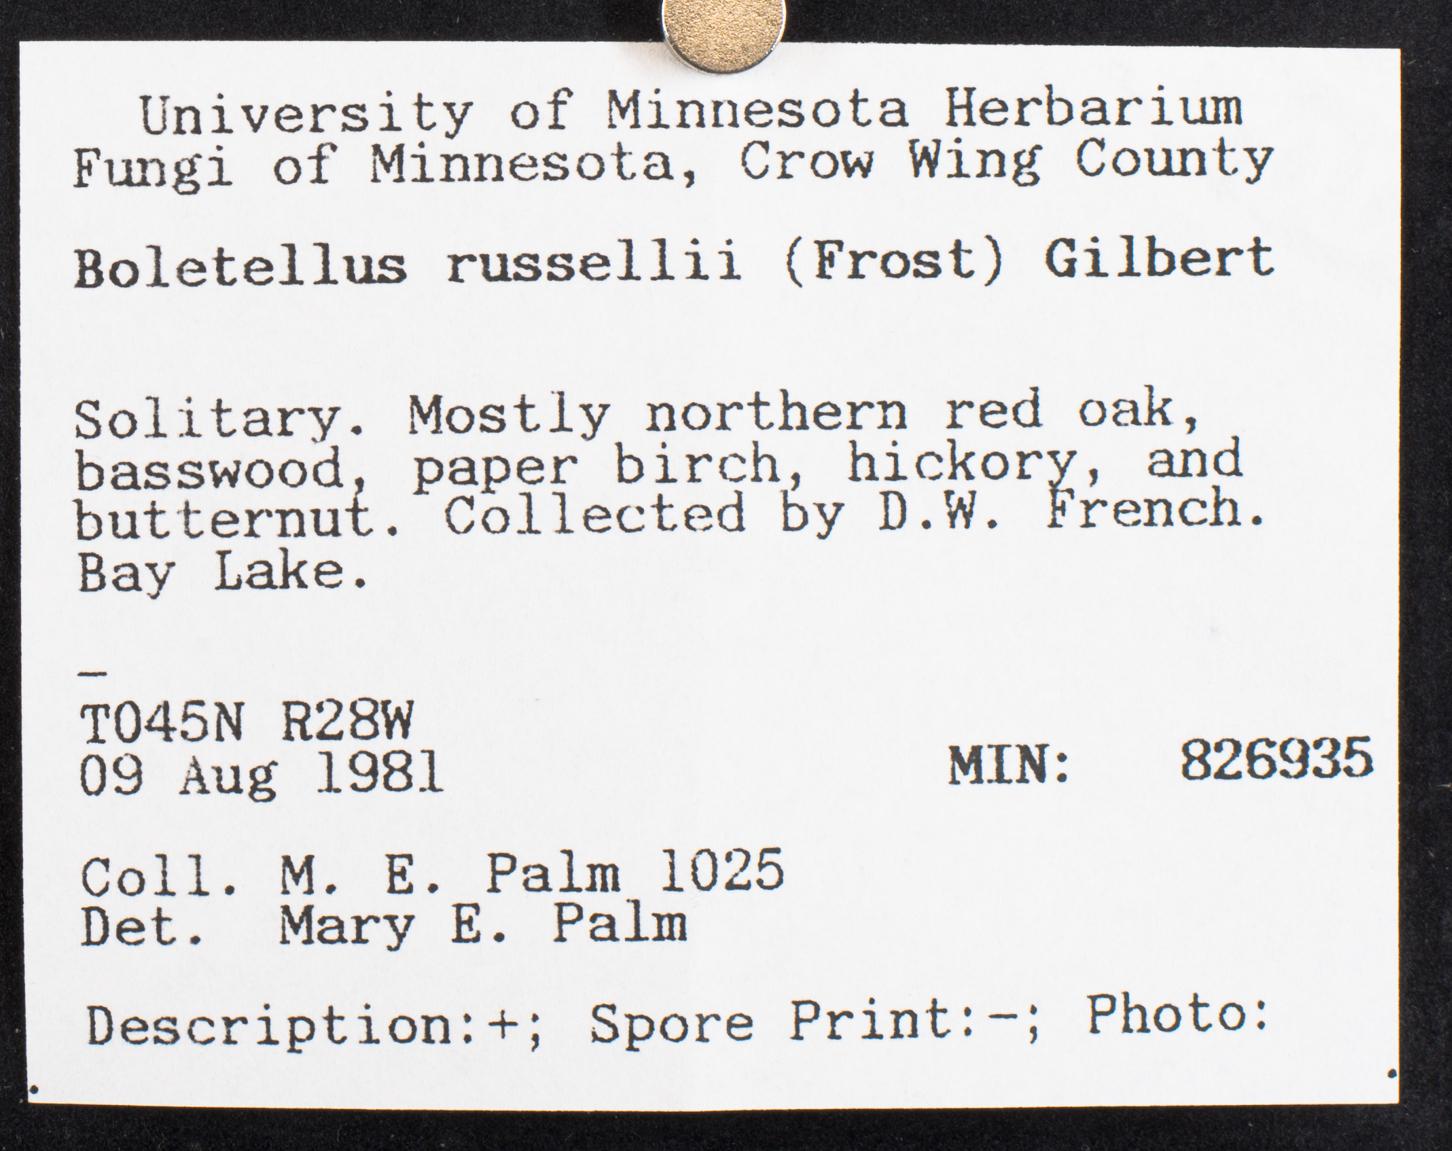 Boletellus russellii image